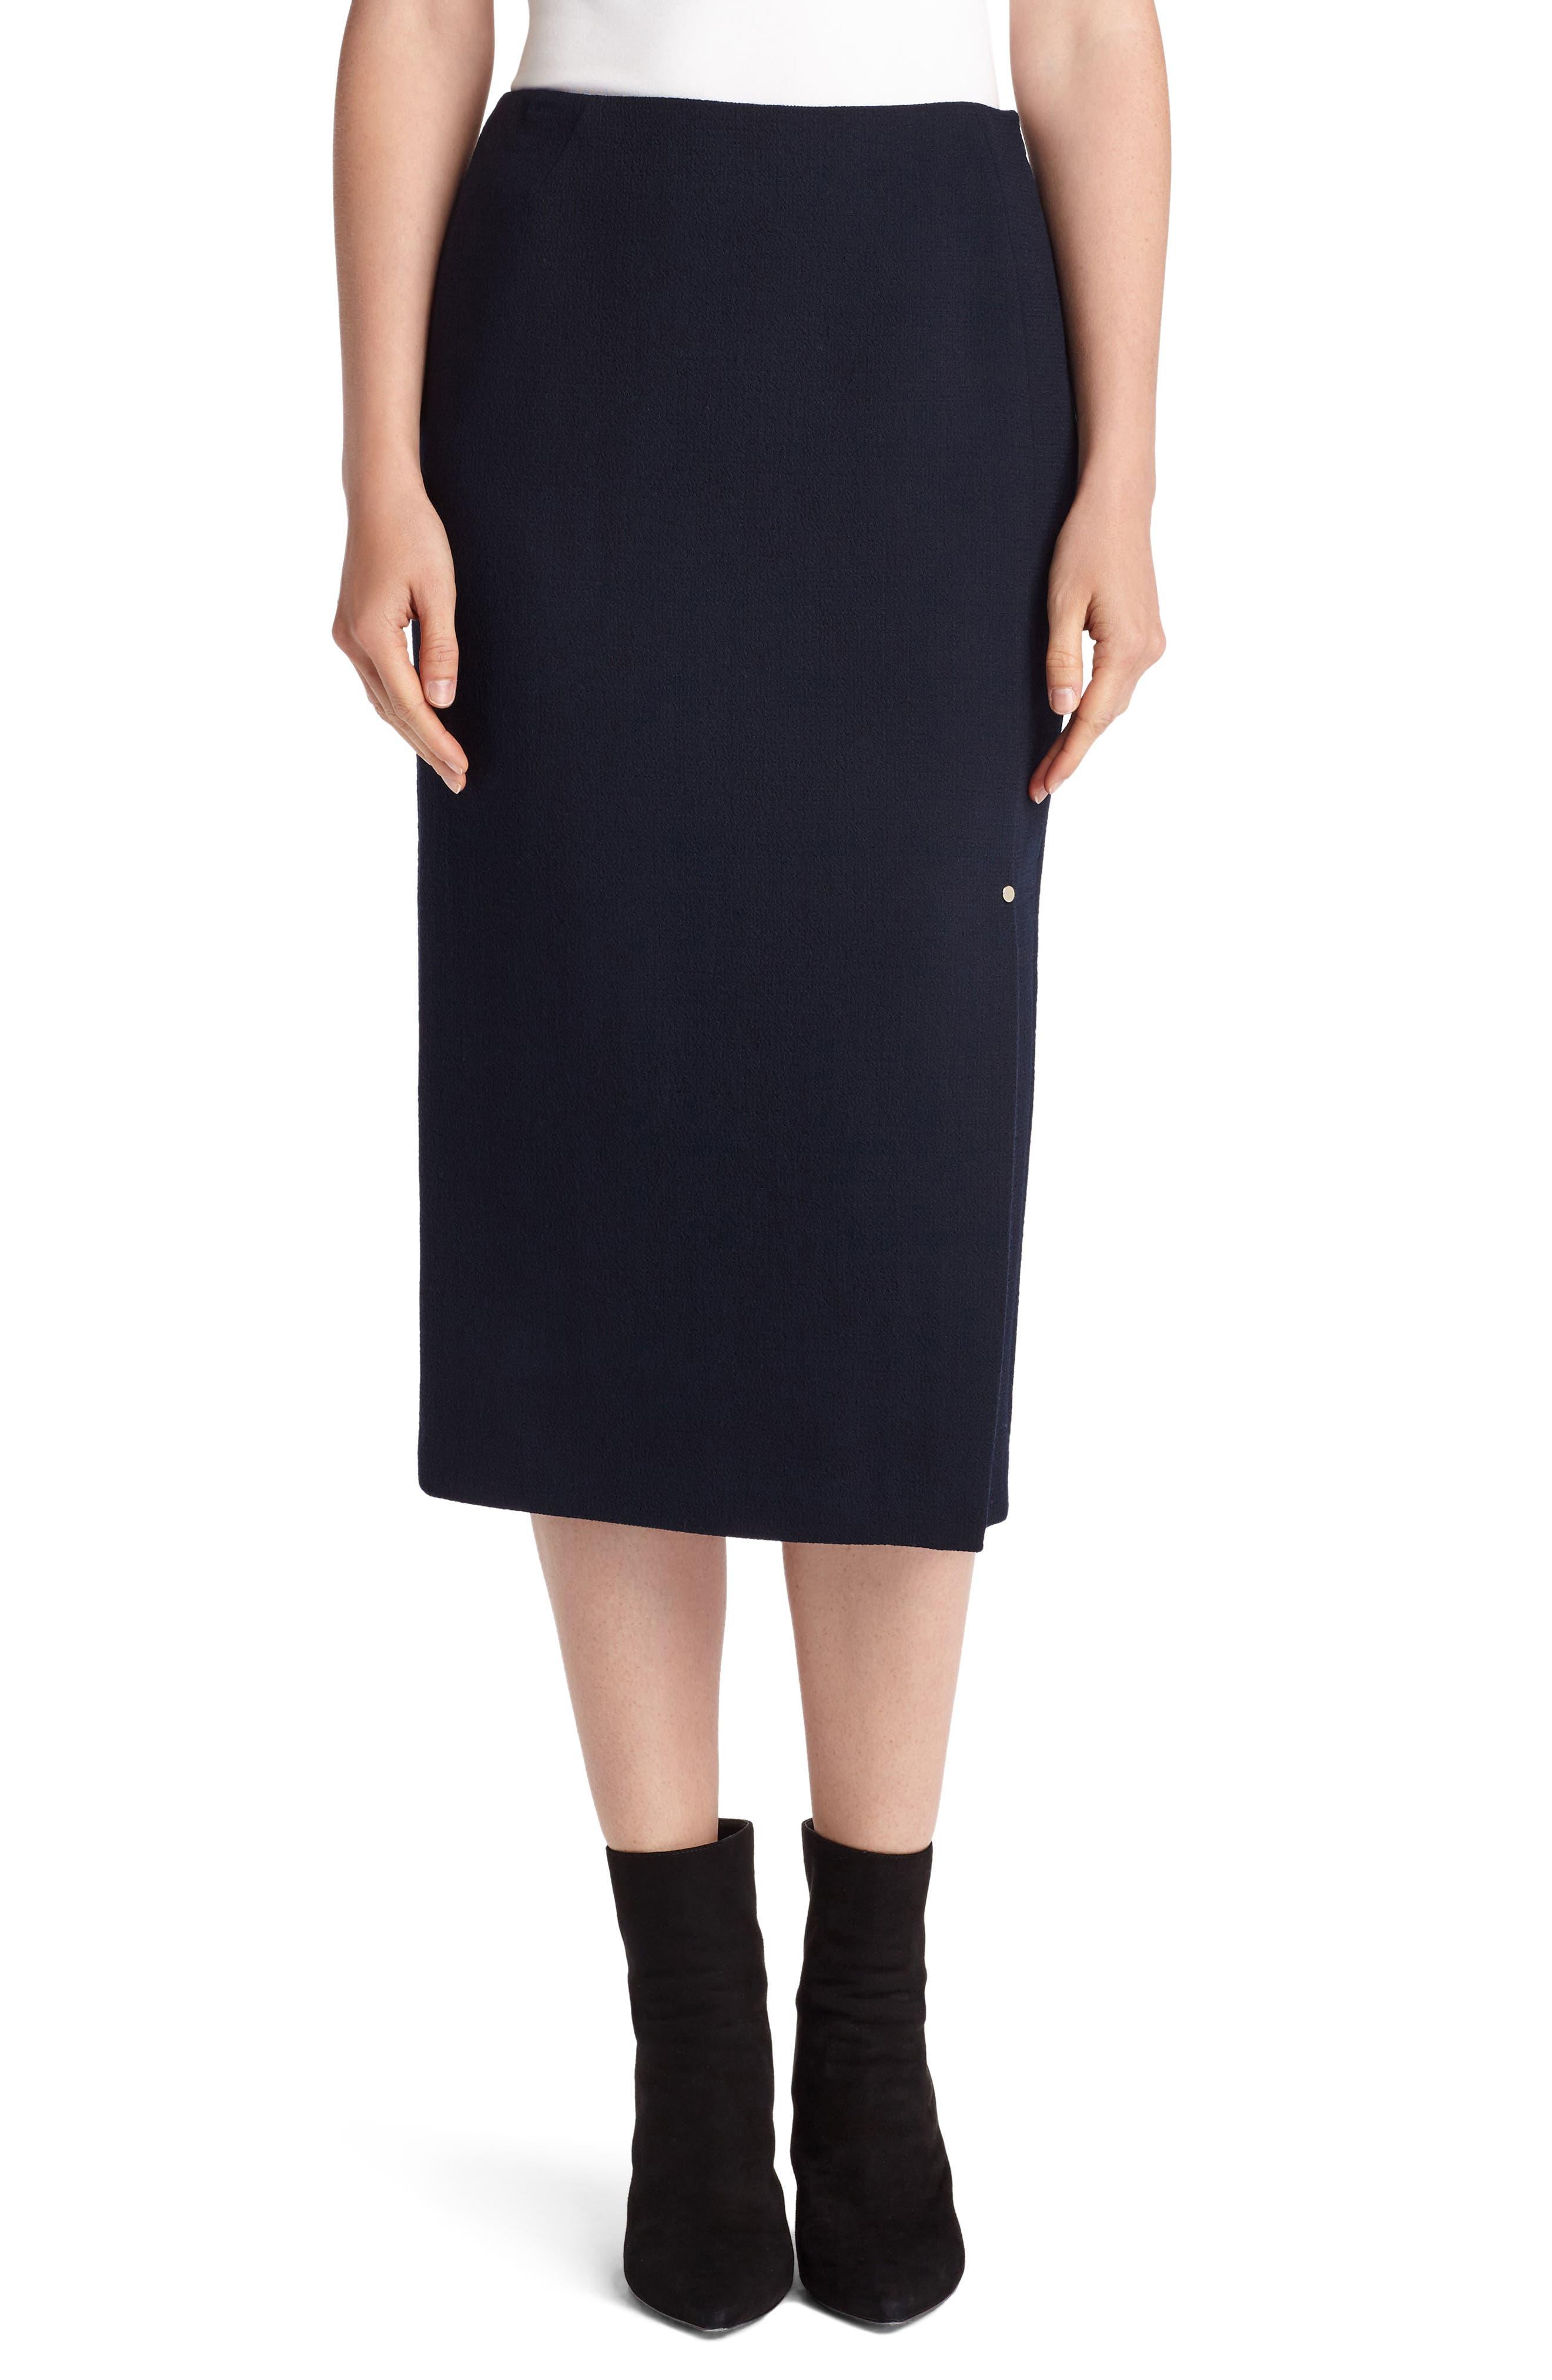 Lucina Nouveau Crepe Skirt,                             Main thumbnail 1, color,                             Ink